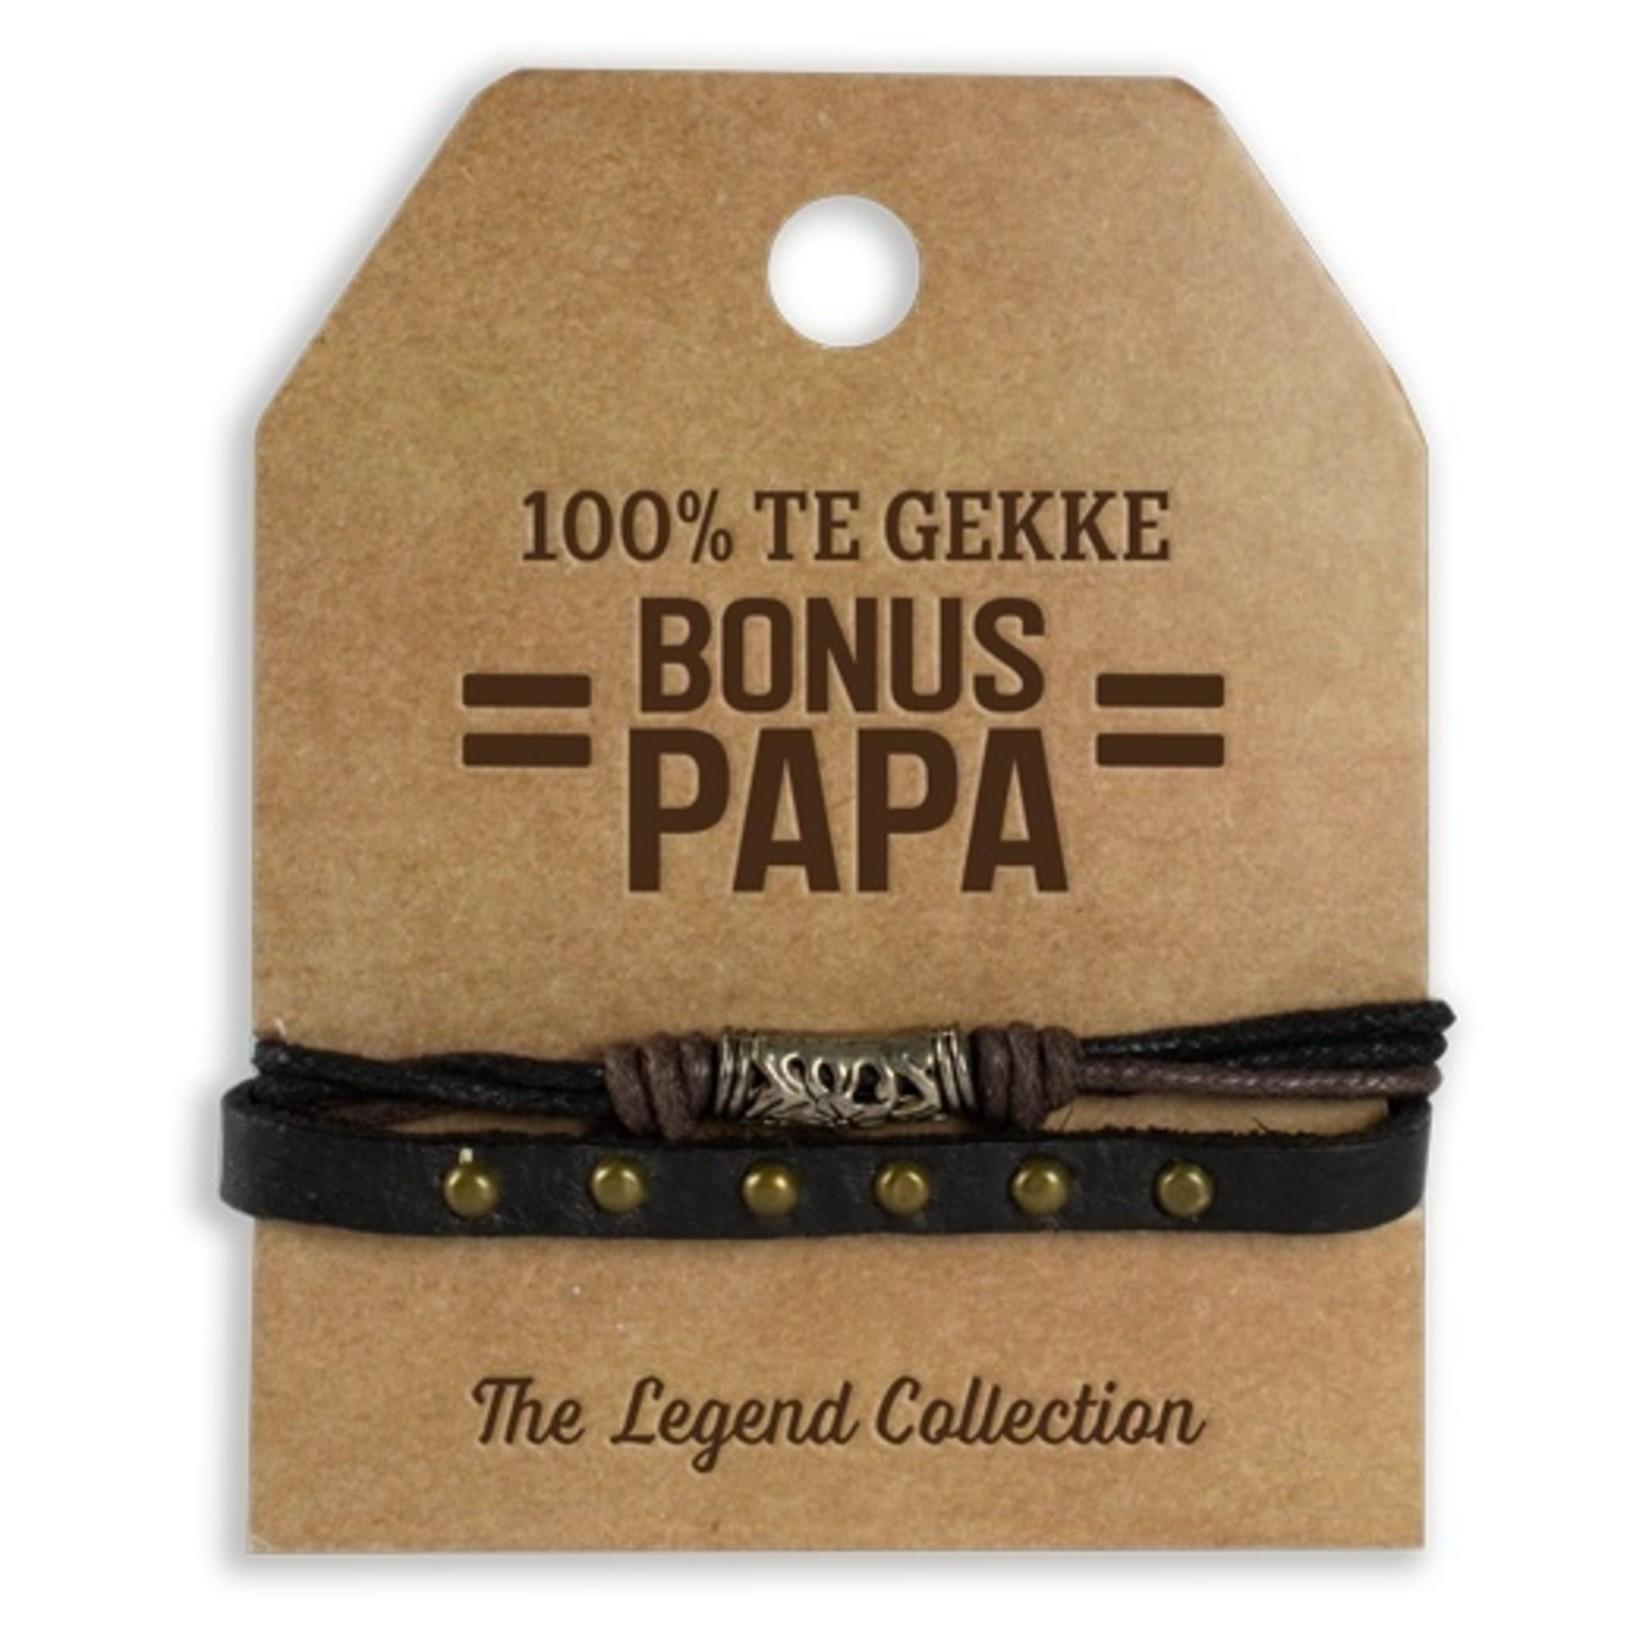 Miko Armband Legend 100% Te gekke bonuspapa